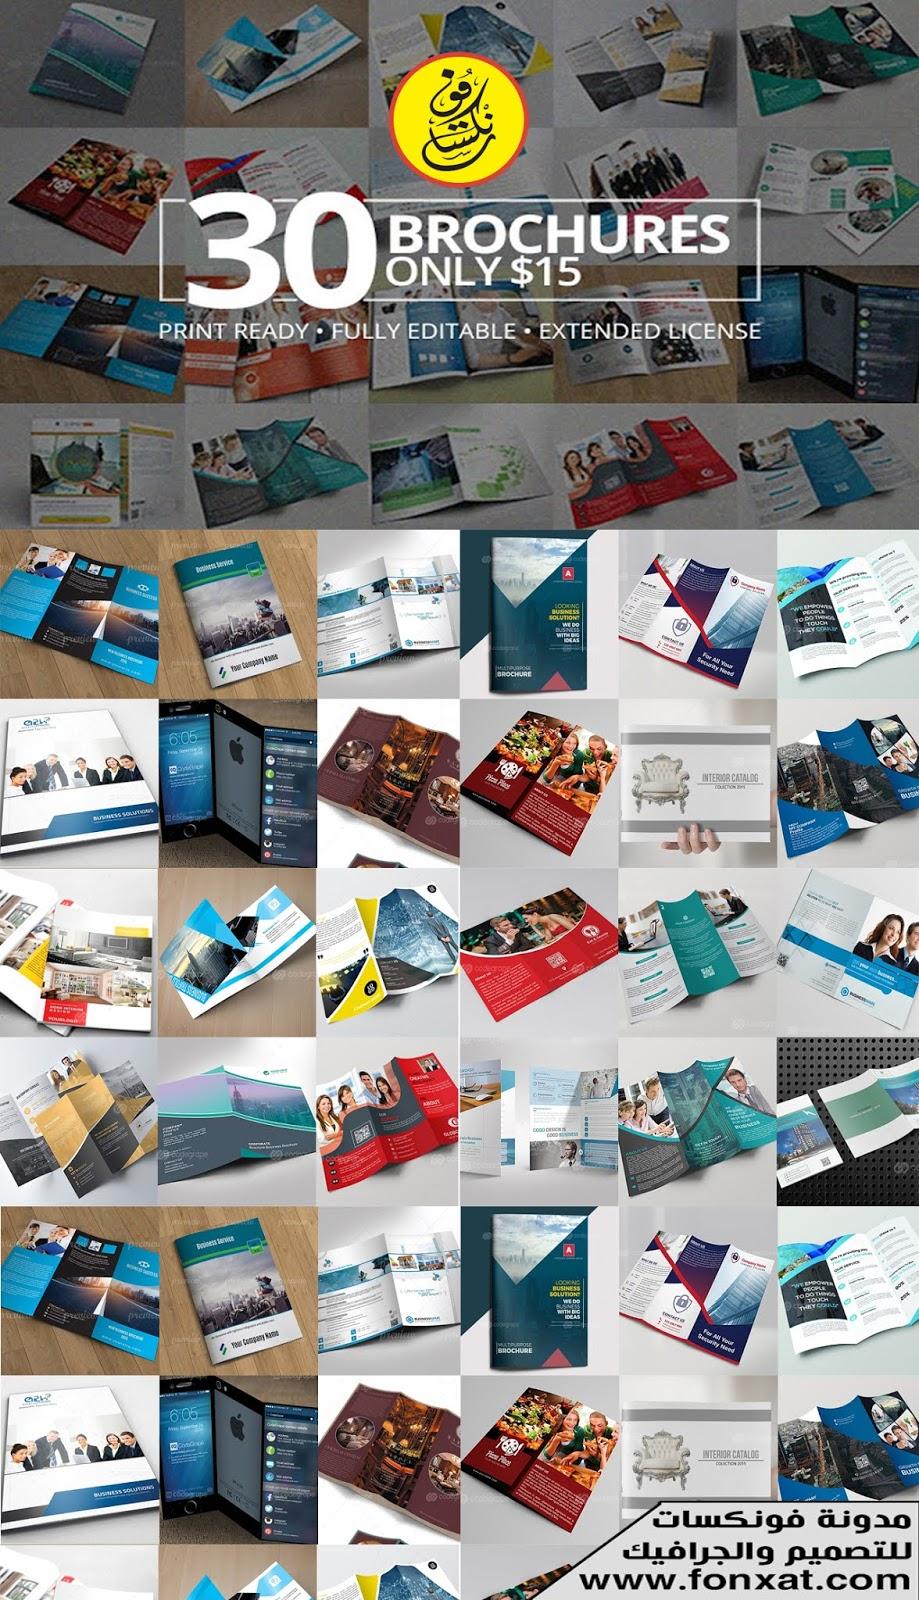 Download Brochures Bundle, mini-accessories, 30 Brochures